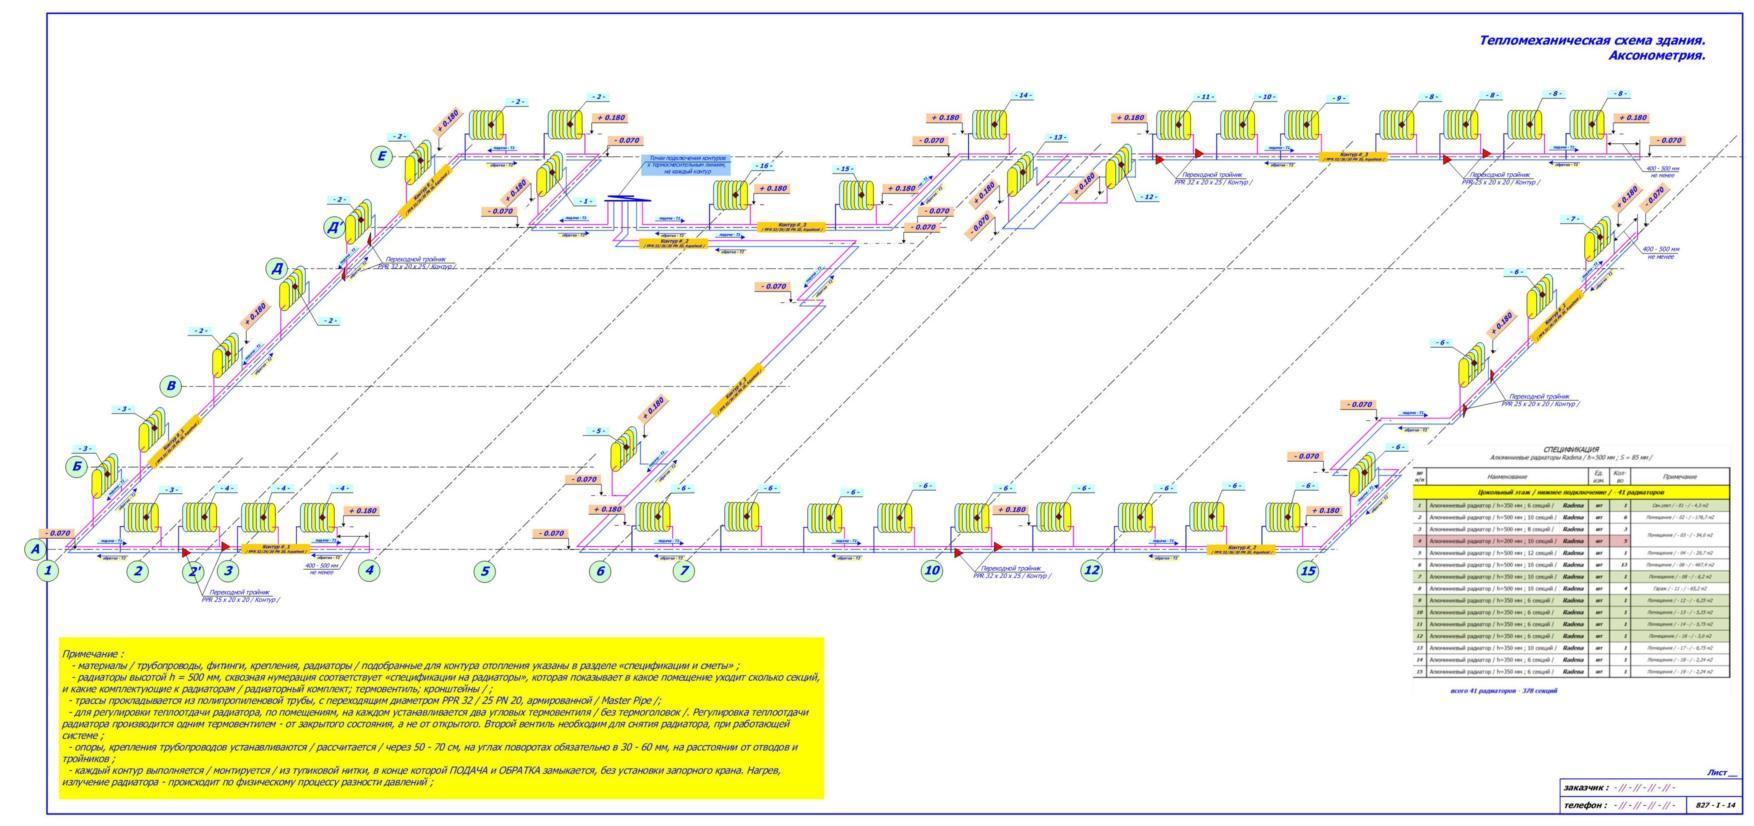 структурная схема гелиосистемы